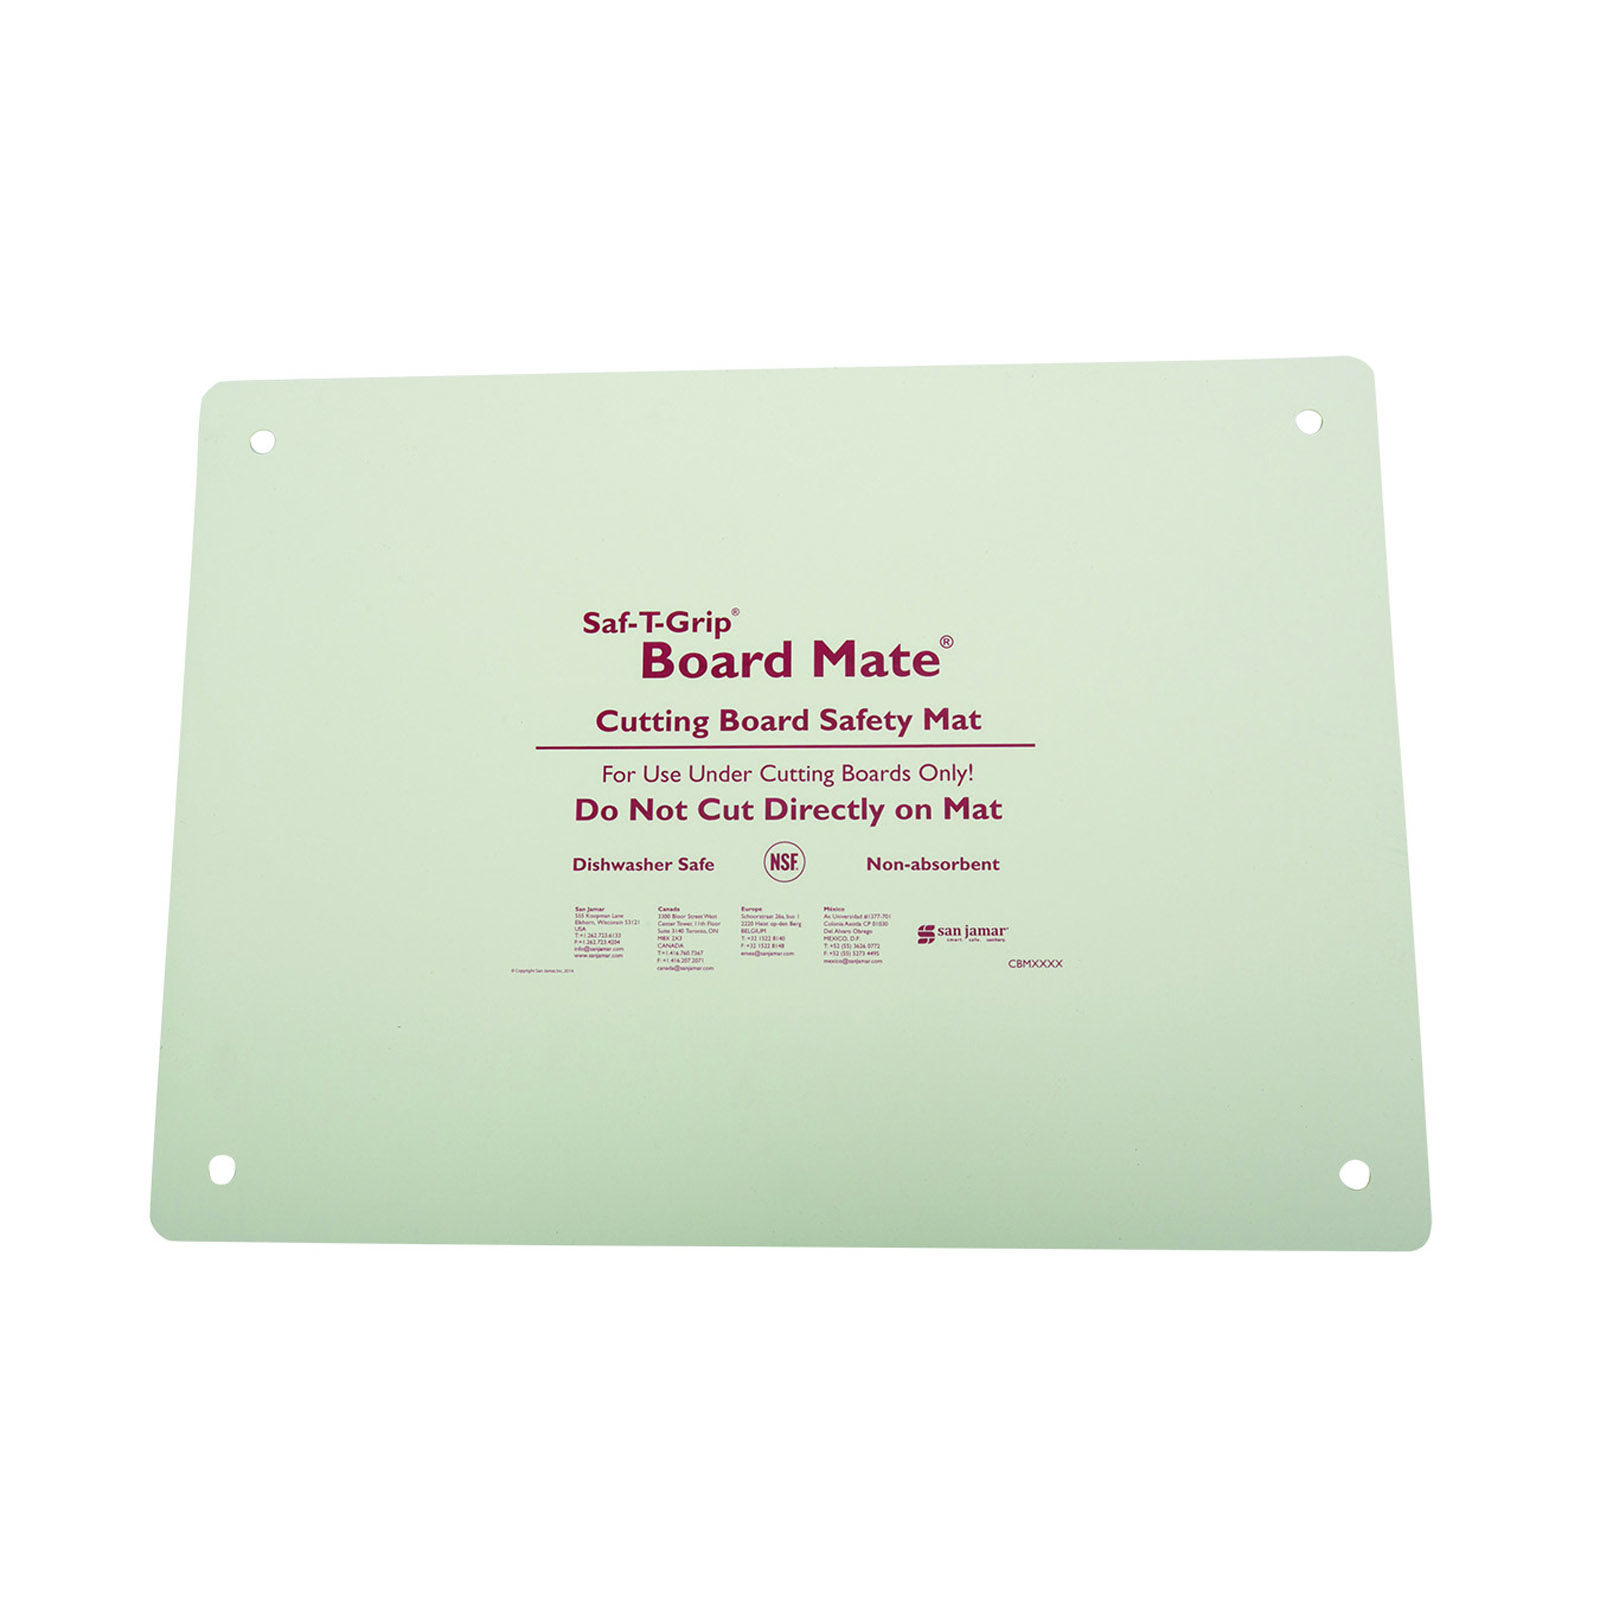 1700-1622 San Jamar CBM1622 cutting board mat